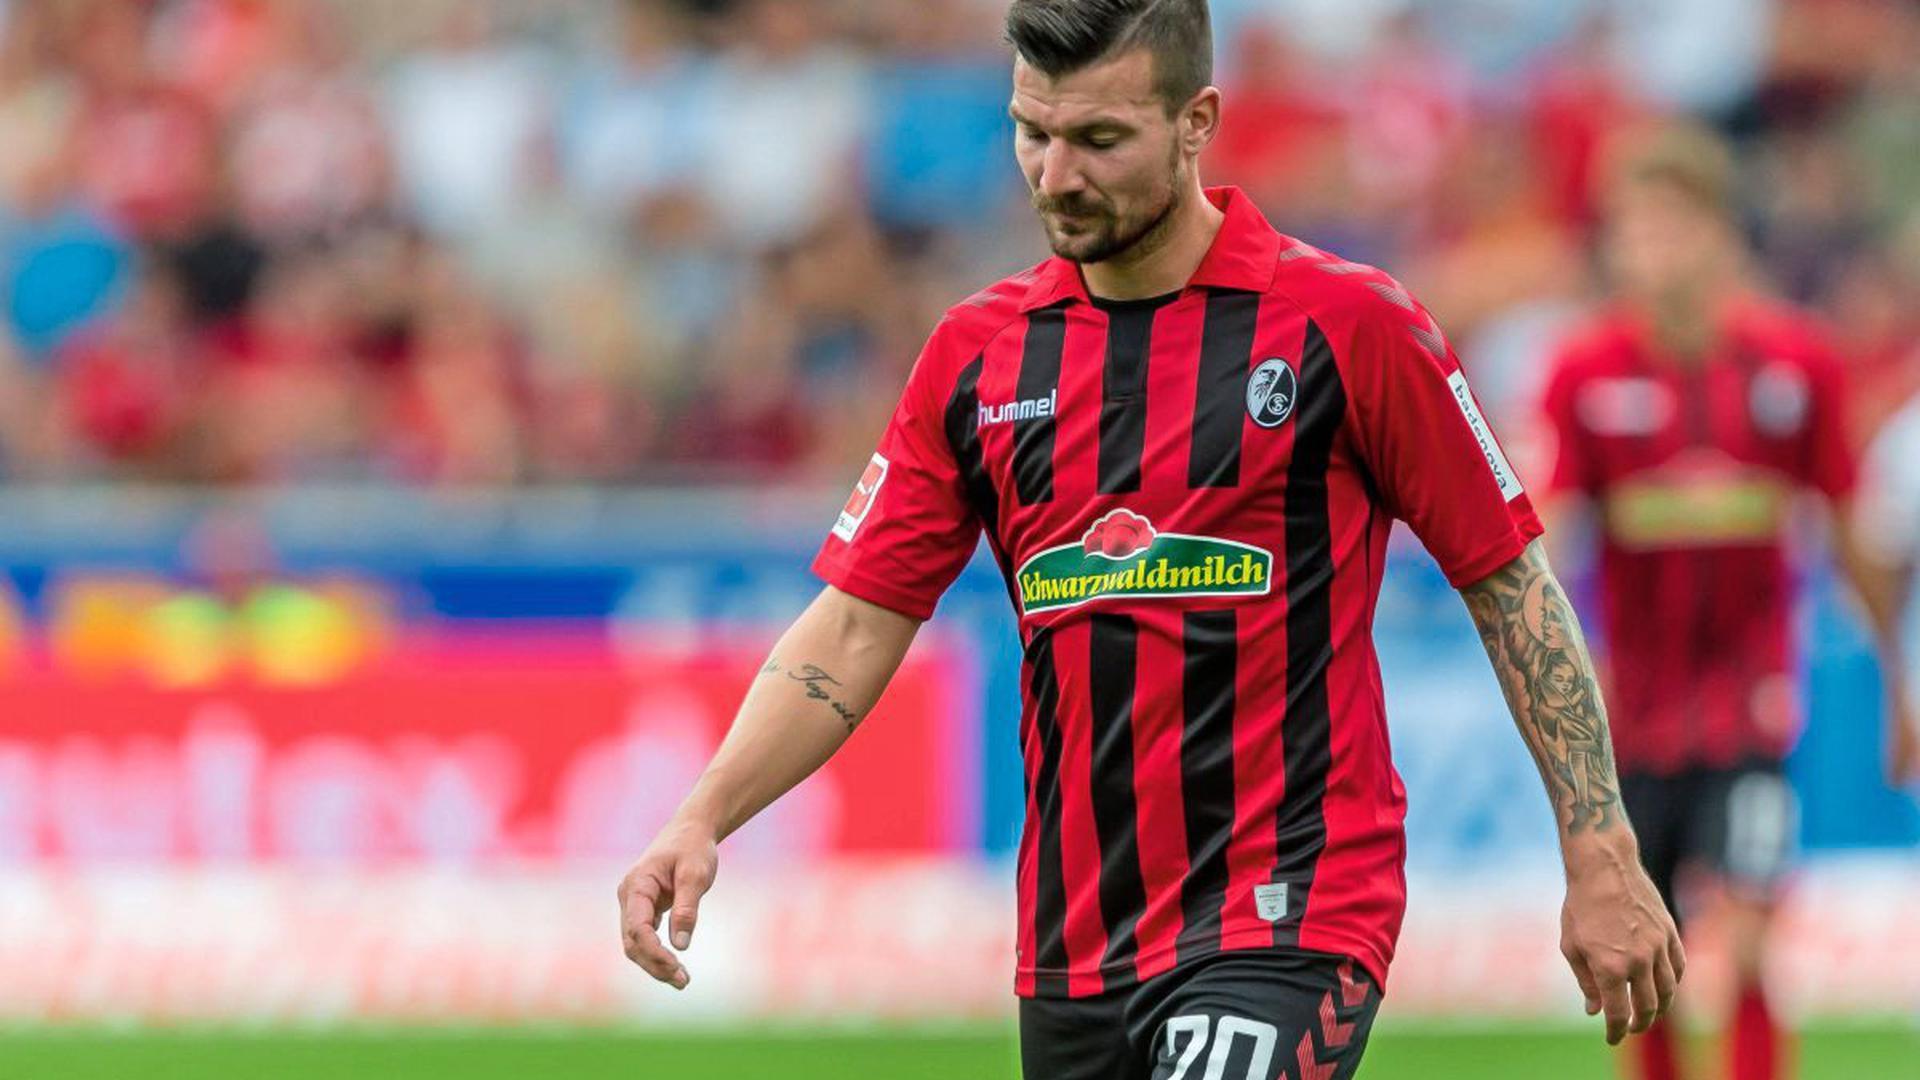 Medien hatten gemunkelt, der KSC könnte Interesse an Jérôme Gondorf haben.